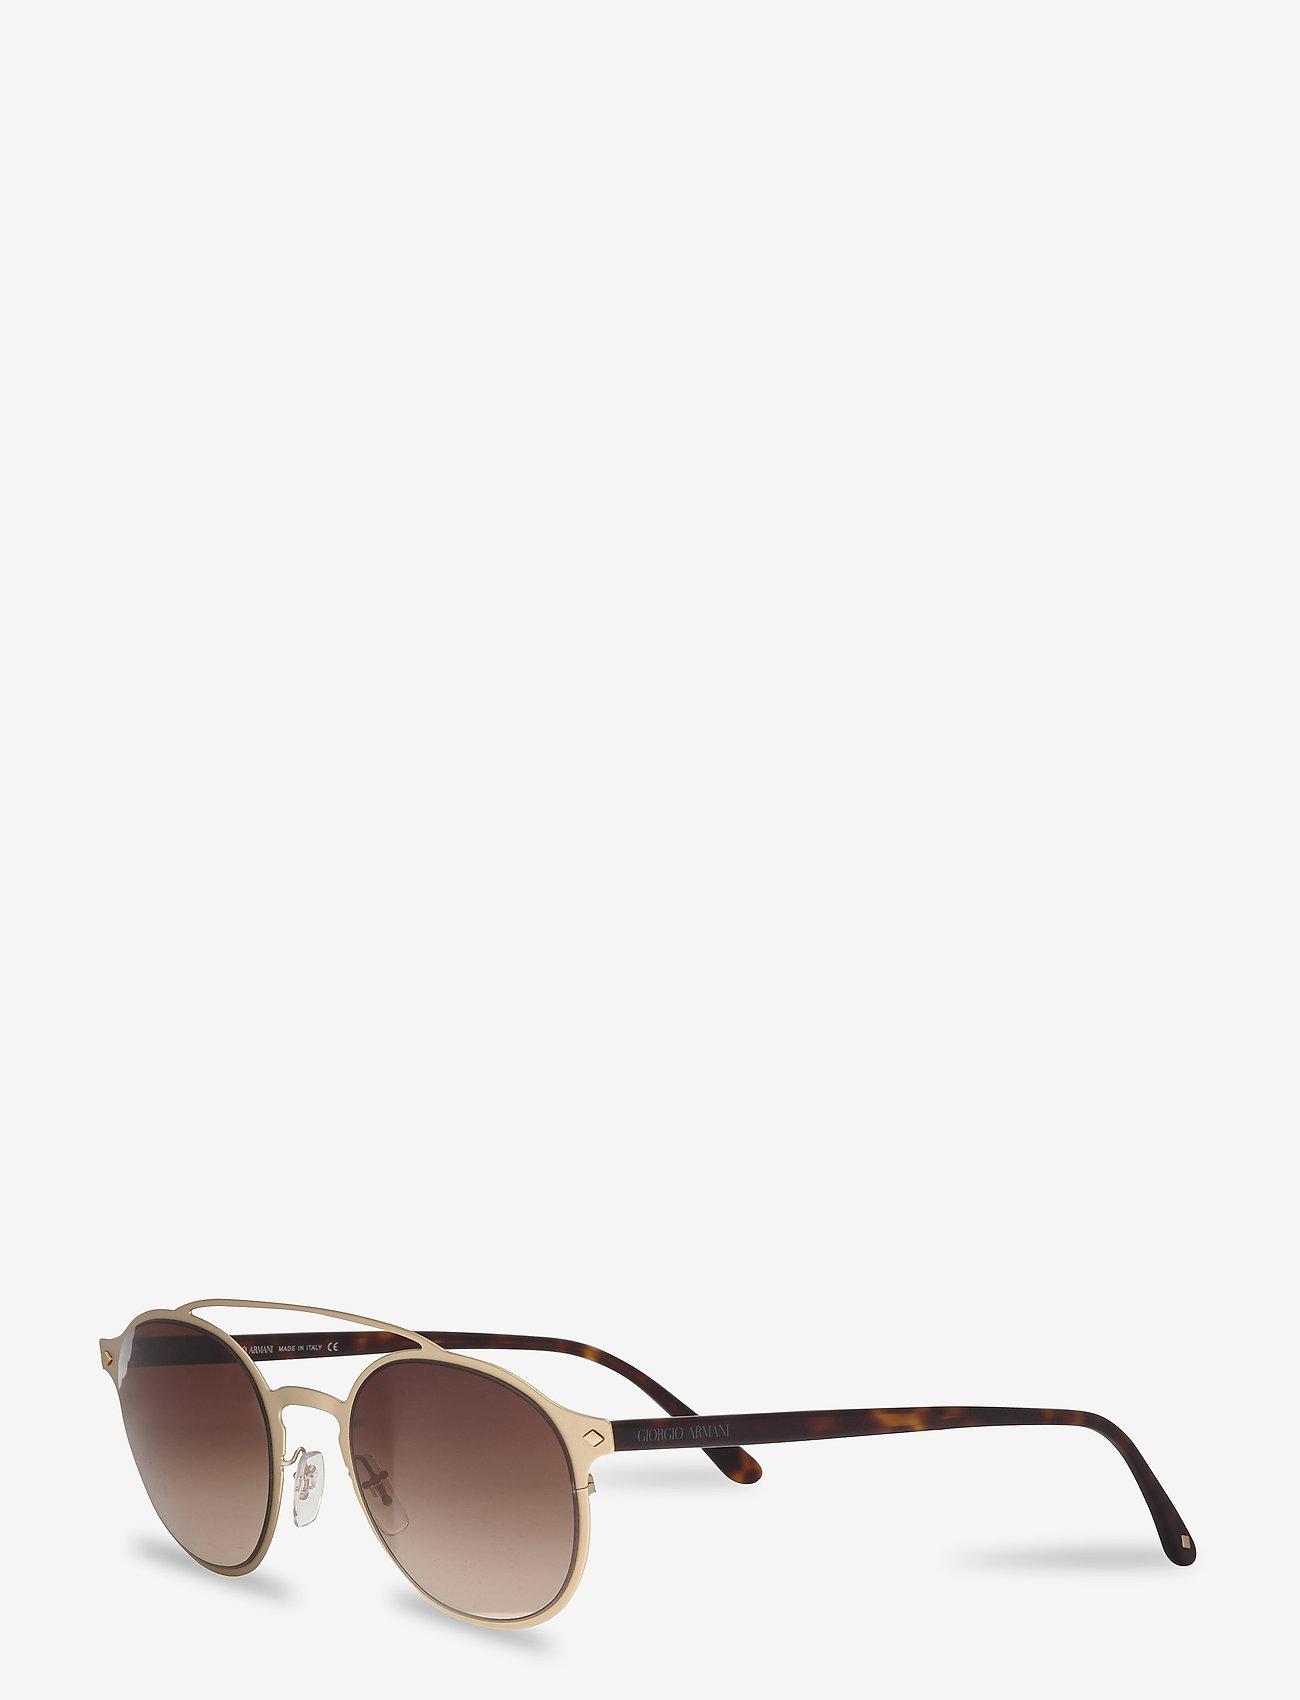 Giorgio Armani Sunglasses - 0AR6041 - rund ramme - matte pale gold - 1